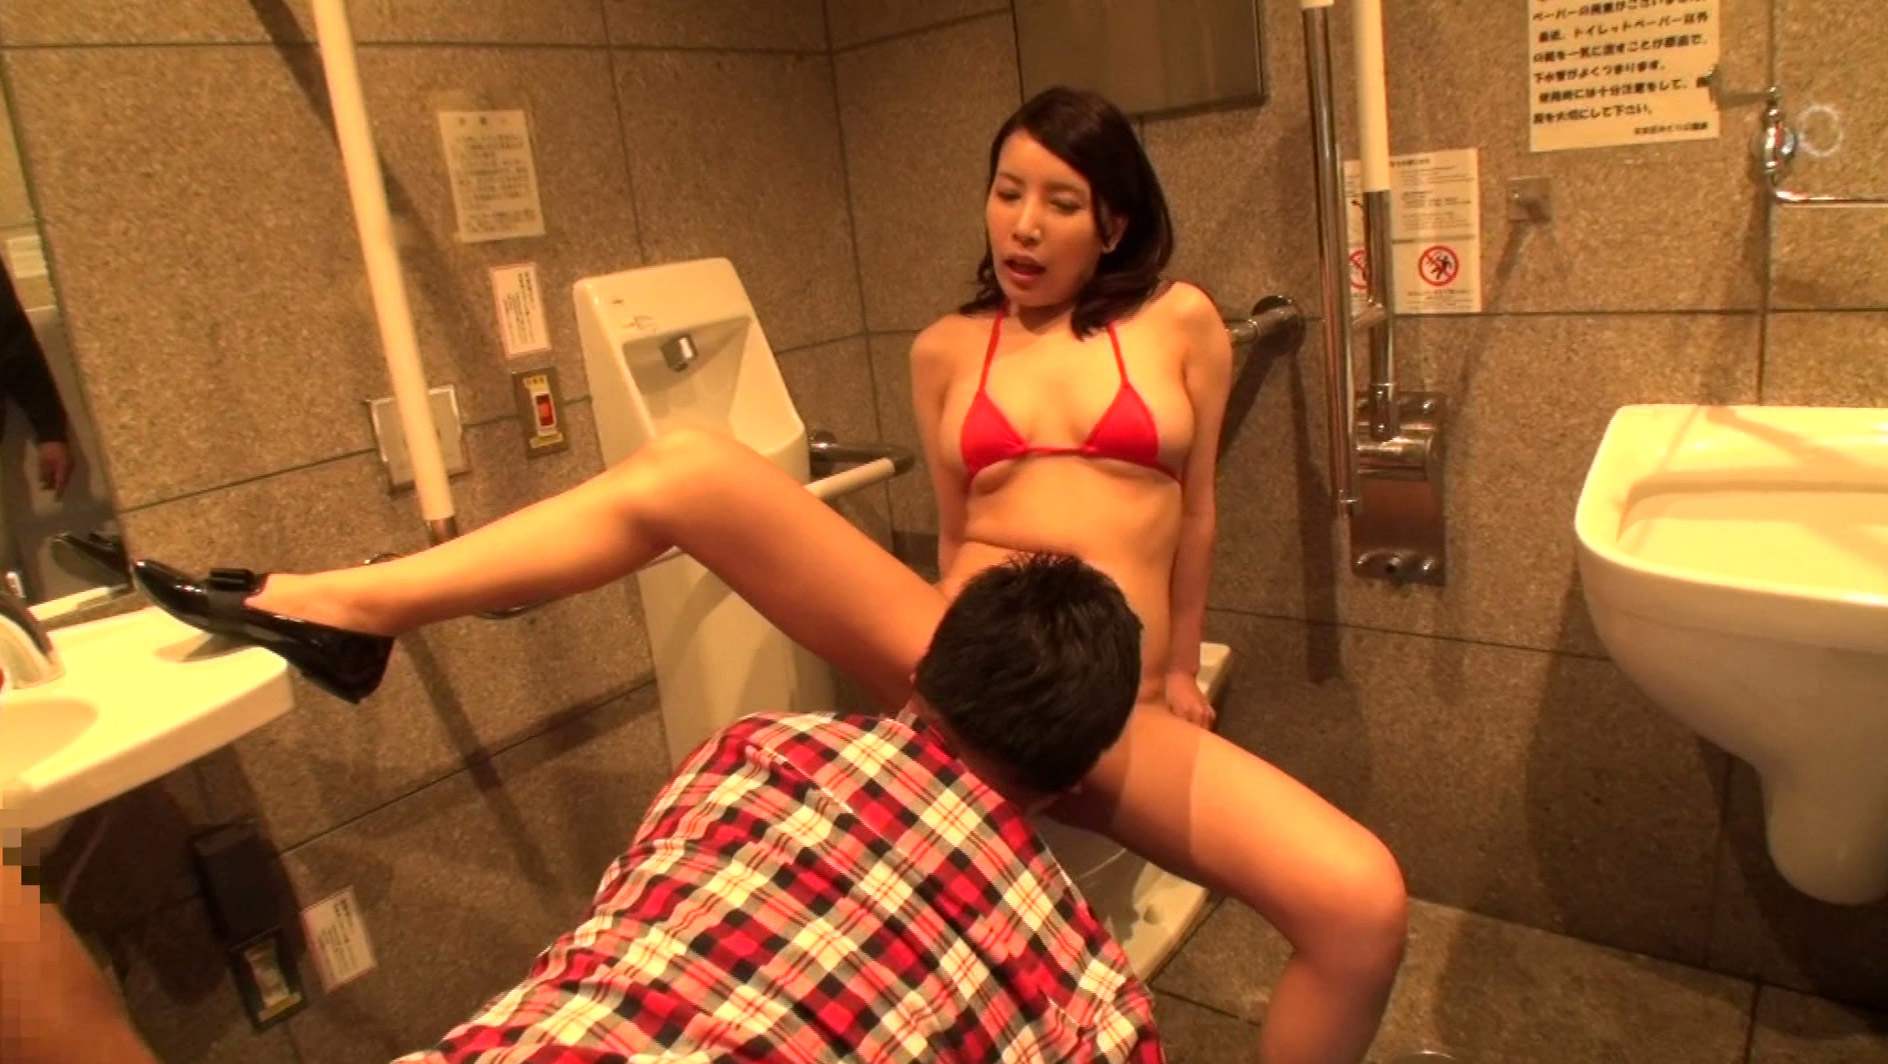 【即席SEX】性処理の道具として使われた女の扱いがこちら・・・・・(画像あり)・2枚目